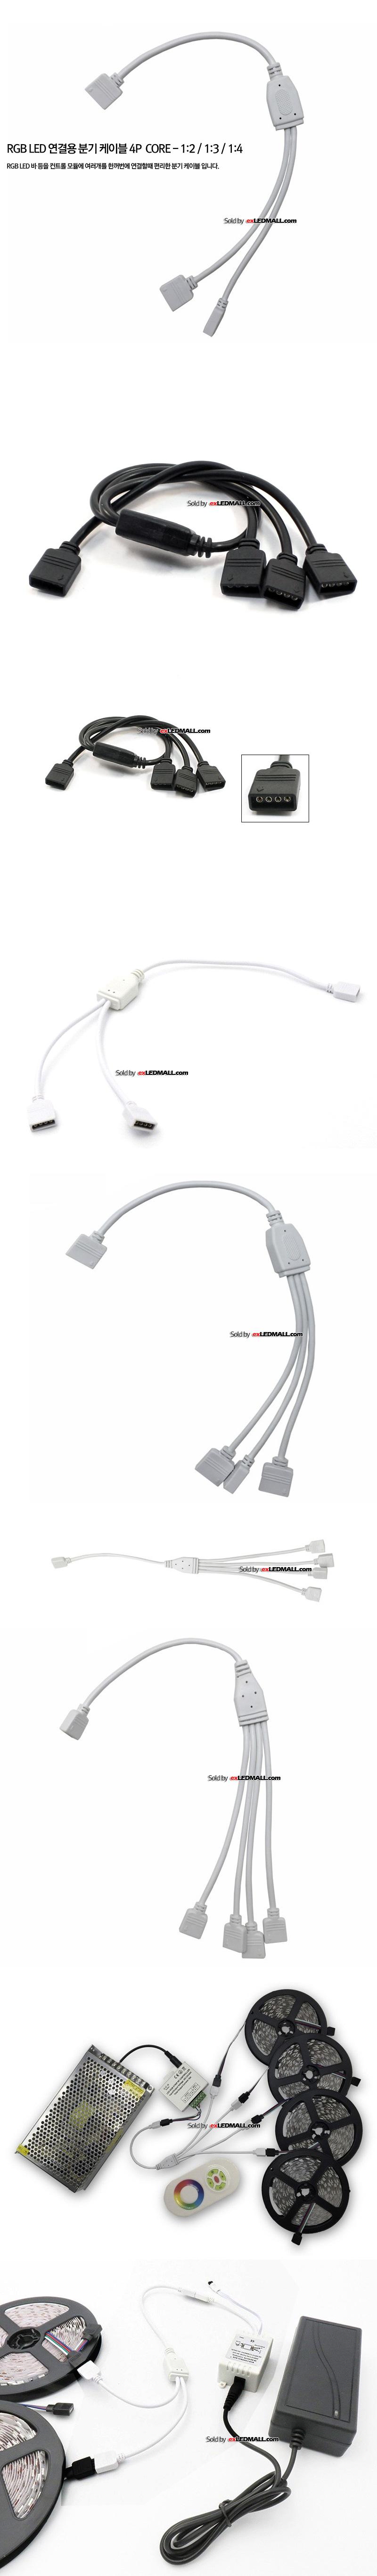 RGB LED 연결용 분기 케이블 4P  CORE - 1:2 / 1:3 / 1:4